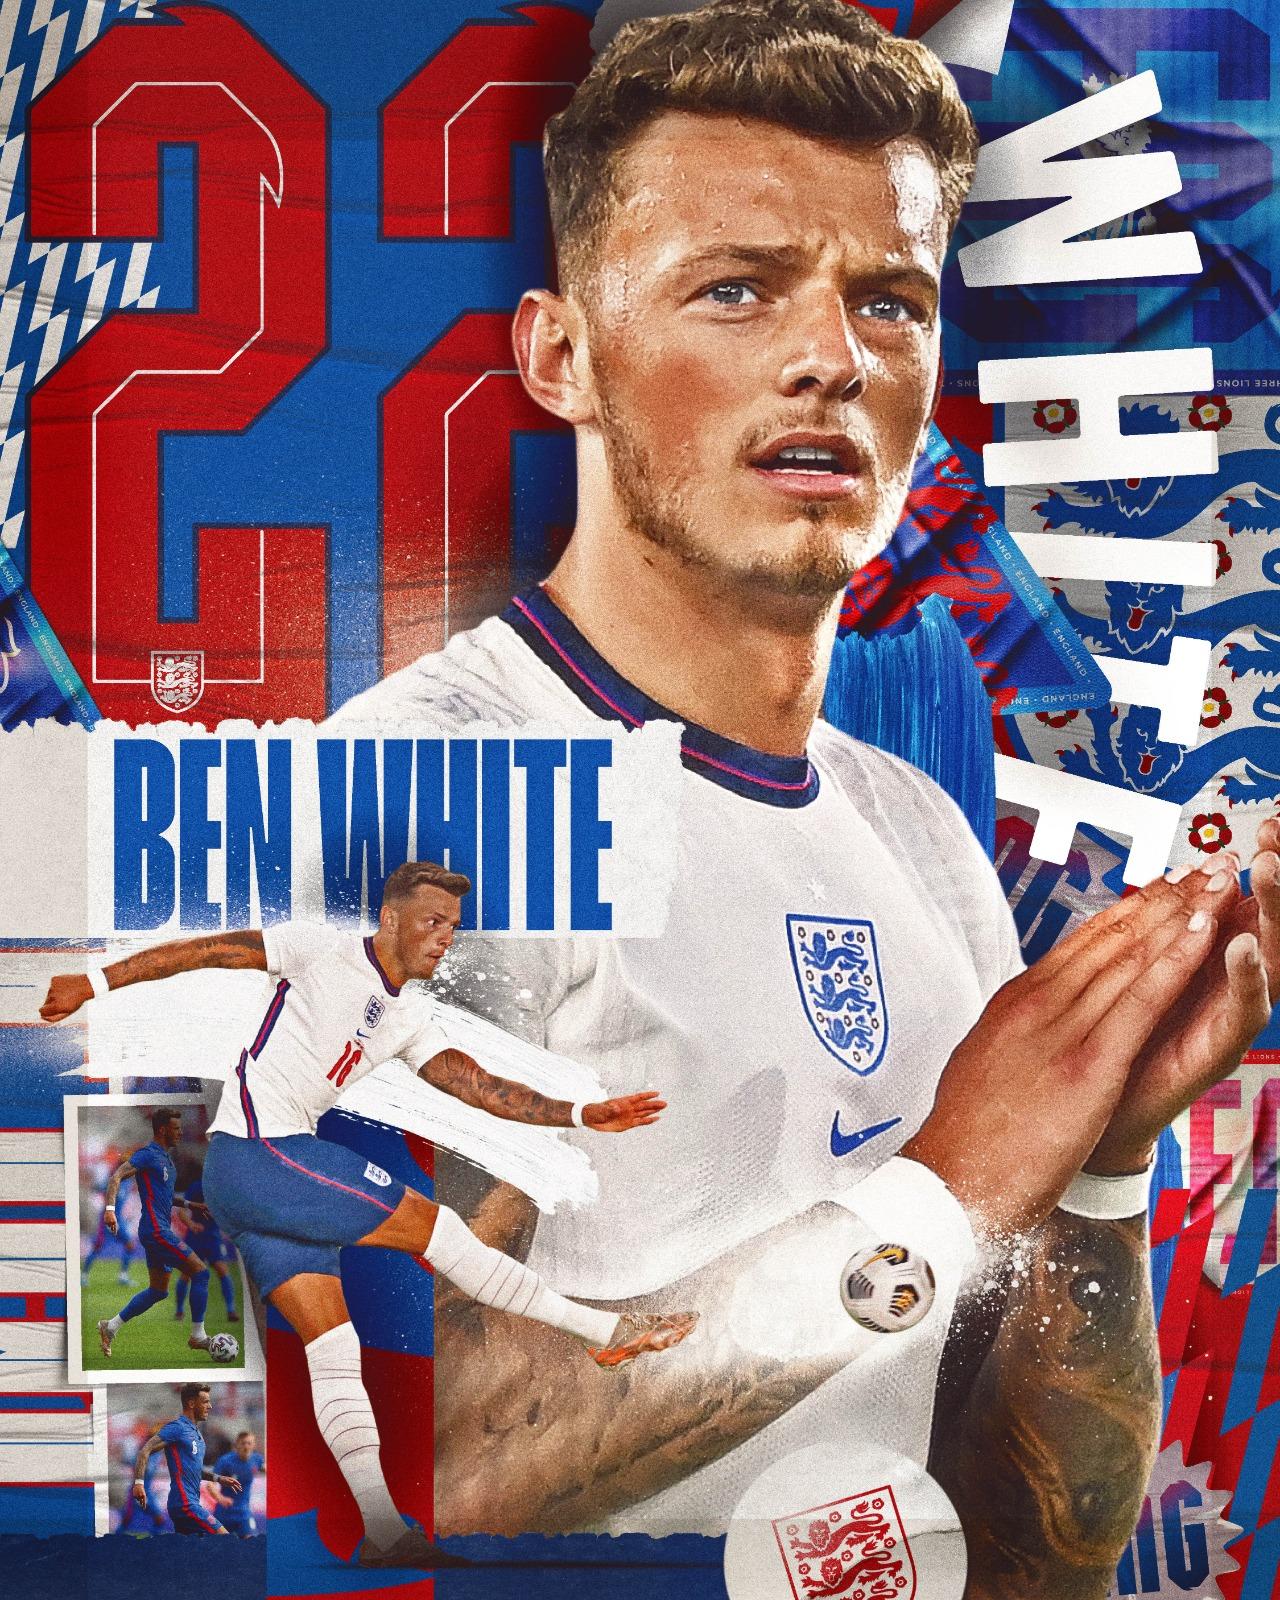 วอร์ด-พราวส์รอก่อน! อังกฤษเลือก เบน ไวท์ เสียบที่ว่างเทรนท์